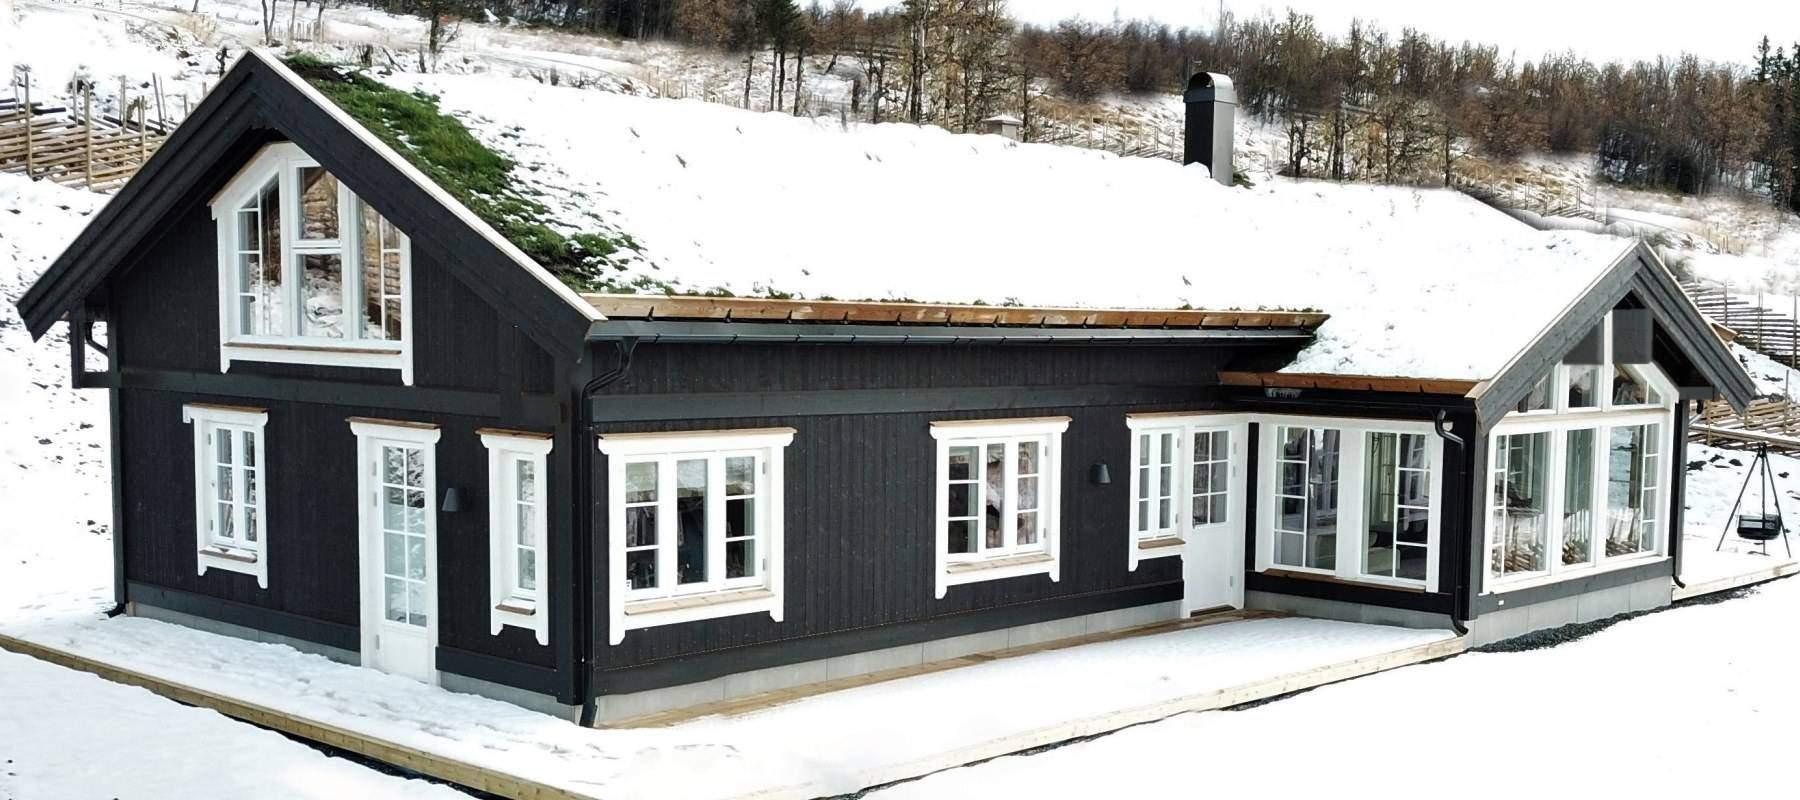 190 Hytteinspirasjon Hytte Strynsfjell 122 på Høyset Panorama Vaset.